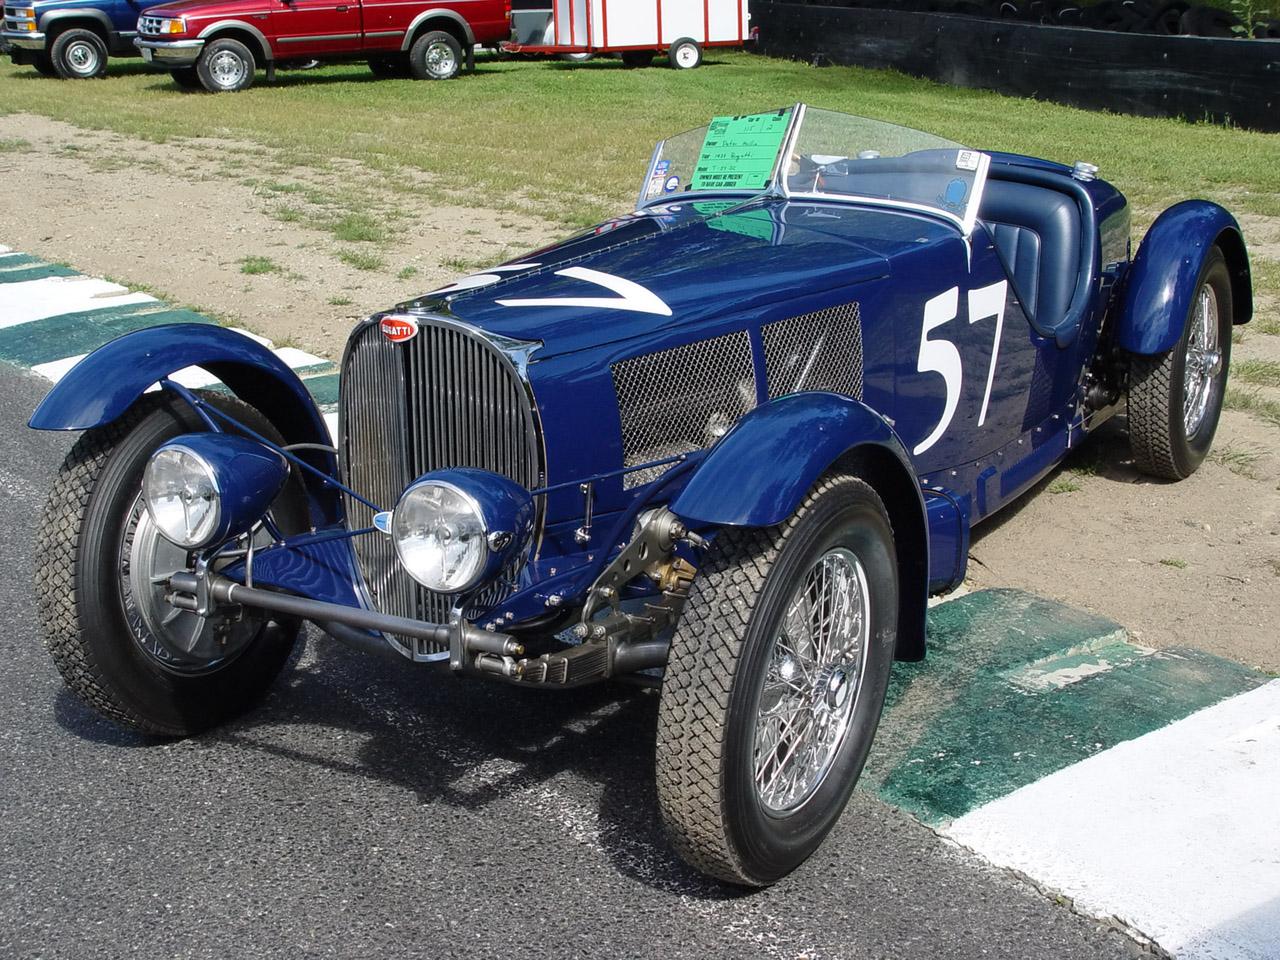 1938 Bugatti T-57 SC Blue Front Angle Wallpaper For Computer